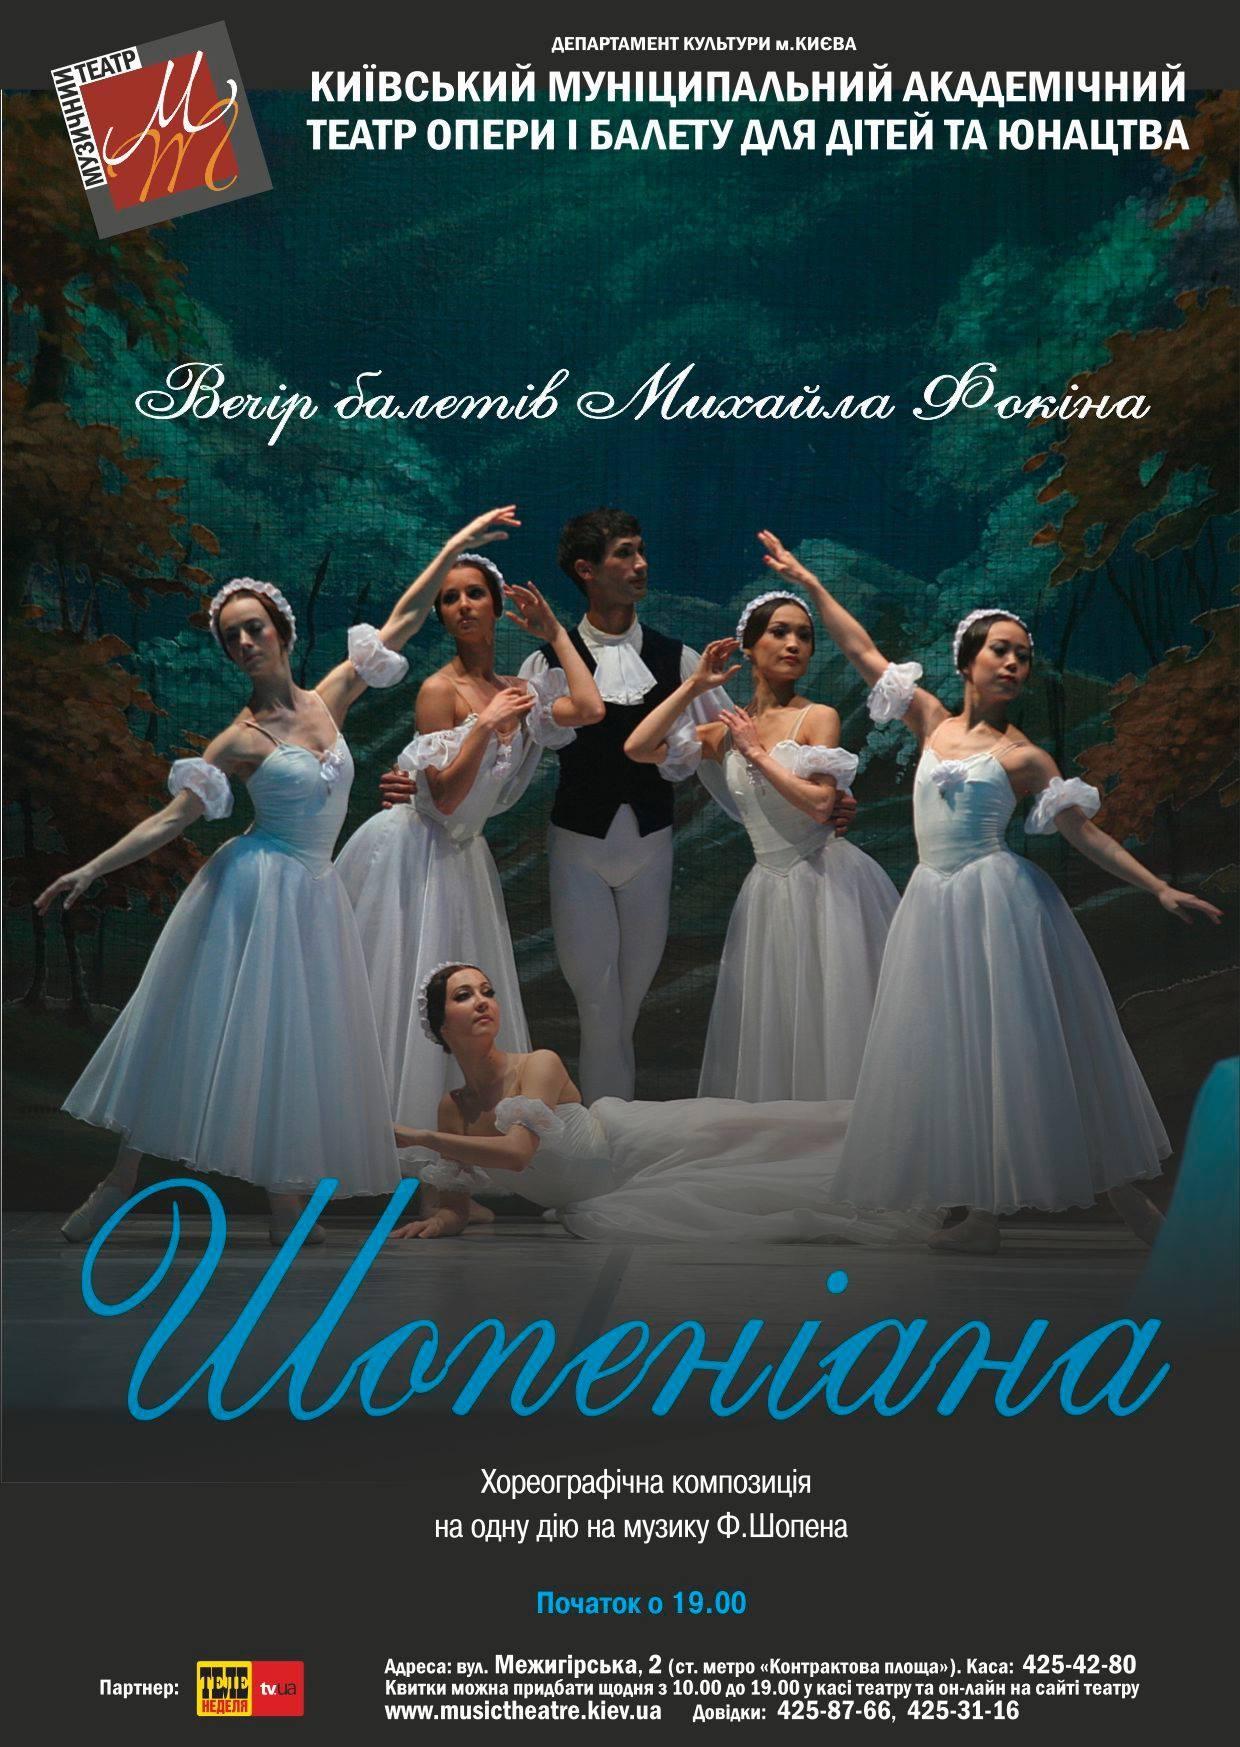 kievskiy-teatr-opery-i-baleta-raspisanie-na-21-24-iyunya-afisha-3